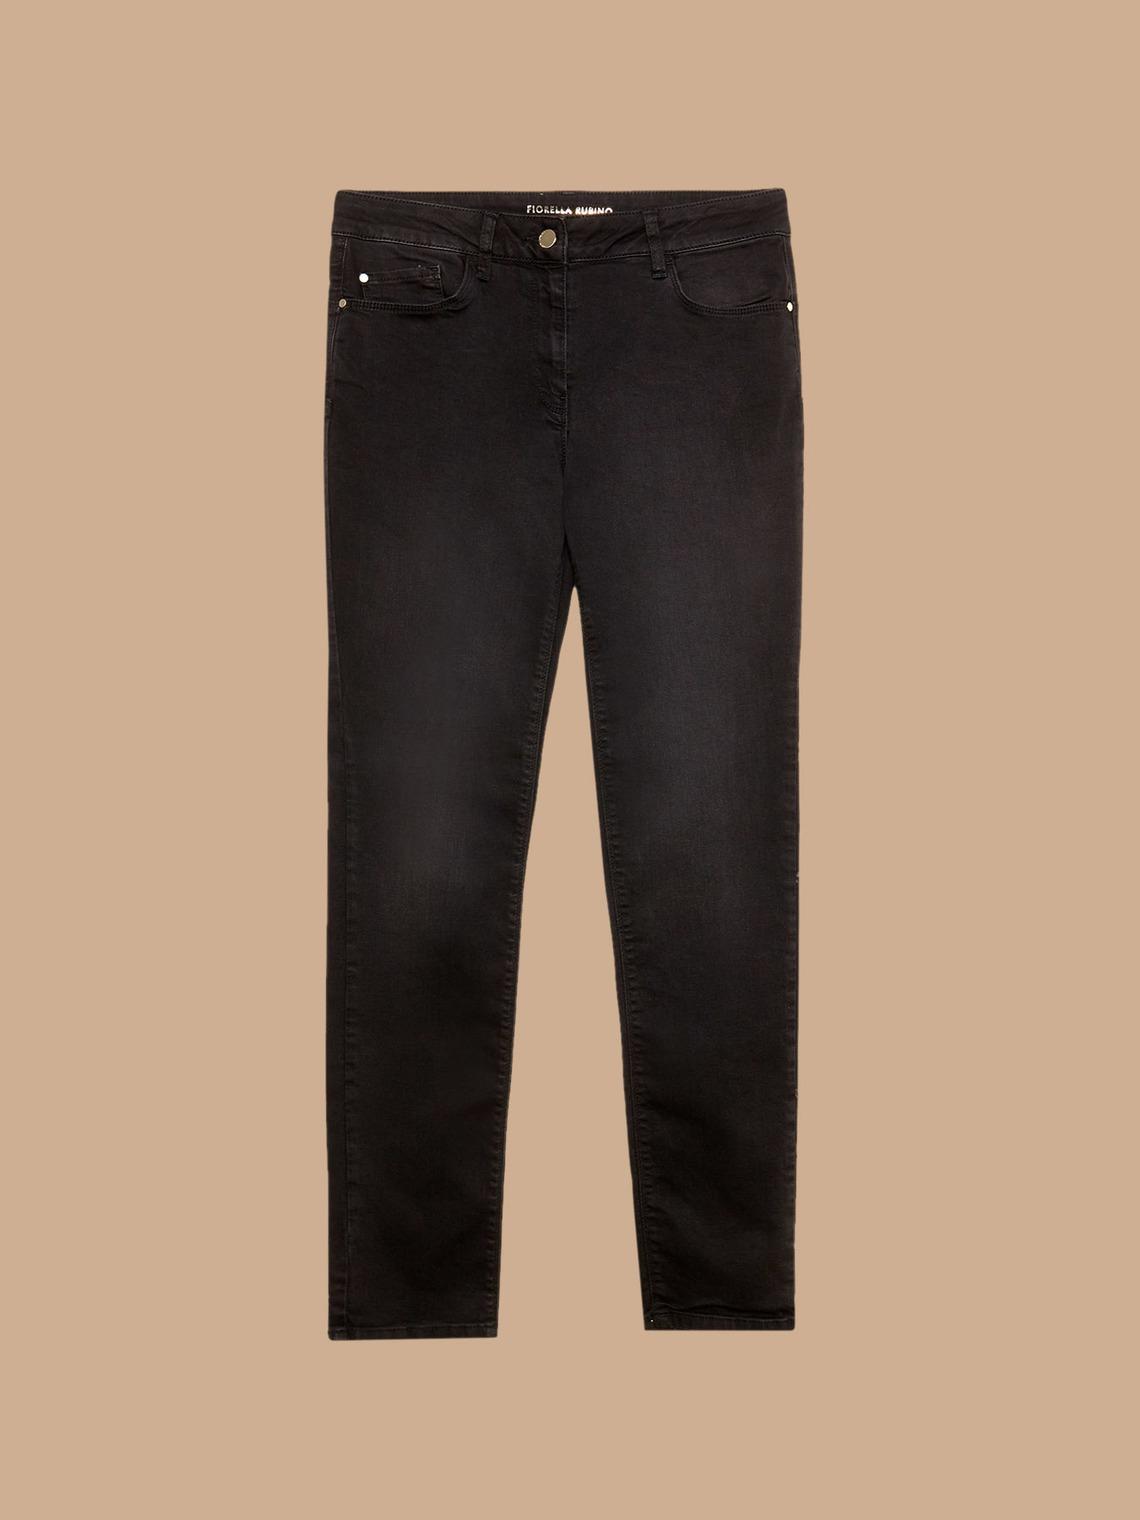 selezione migliore 2143f cf652 Pantaloni skinny basic in denim color - Fiorella Rubino - FR